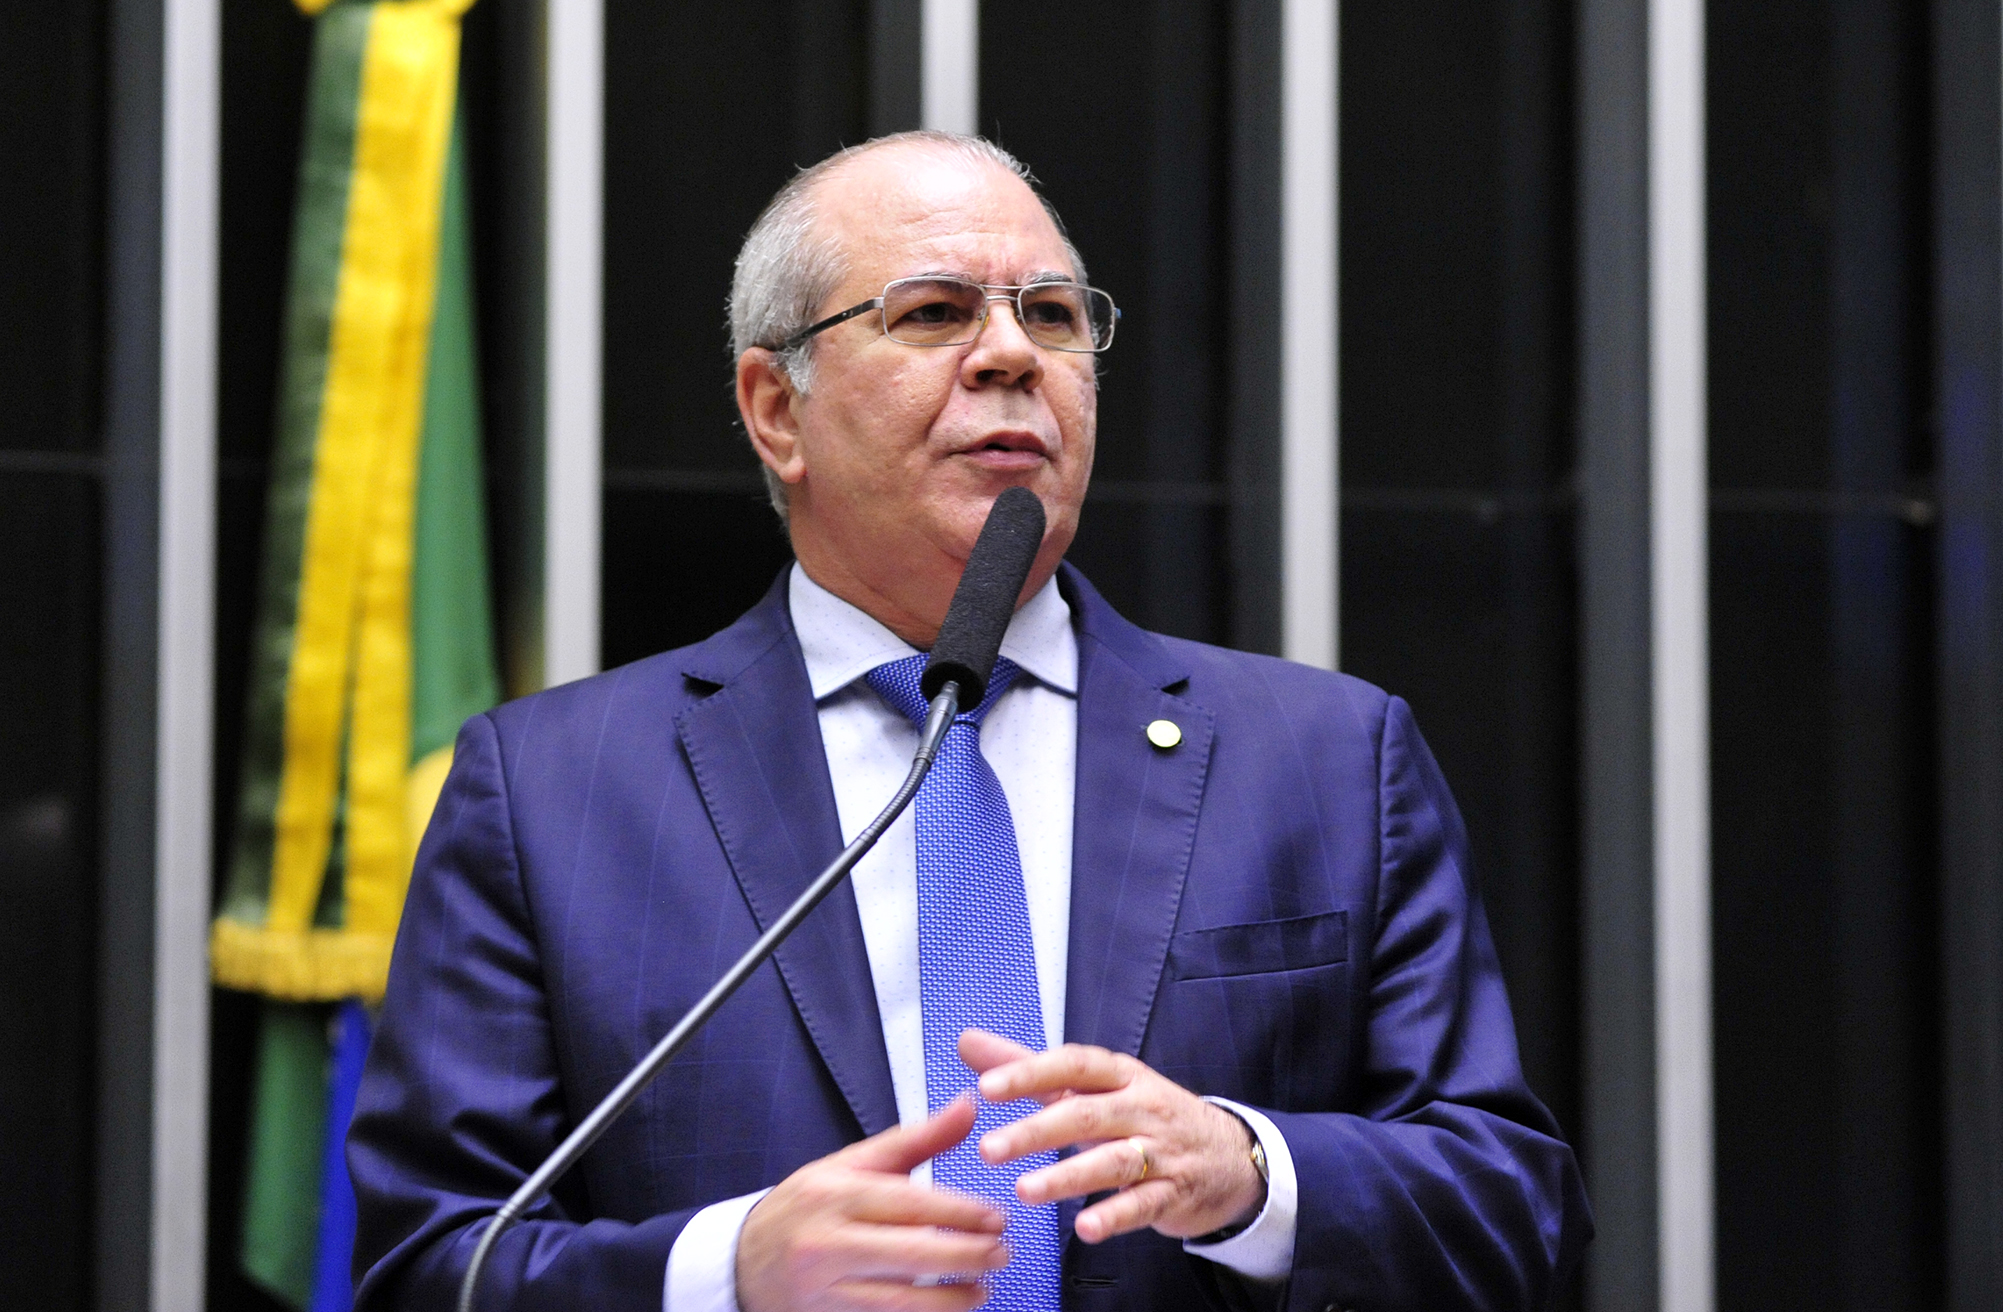 Sessão conjunta do Congresso Nacional para votar oito vetos presidenciais. Dep. Hildo Rocha (PMDB-MA)